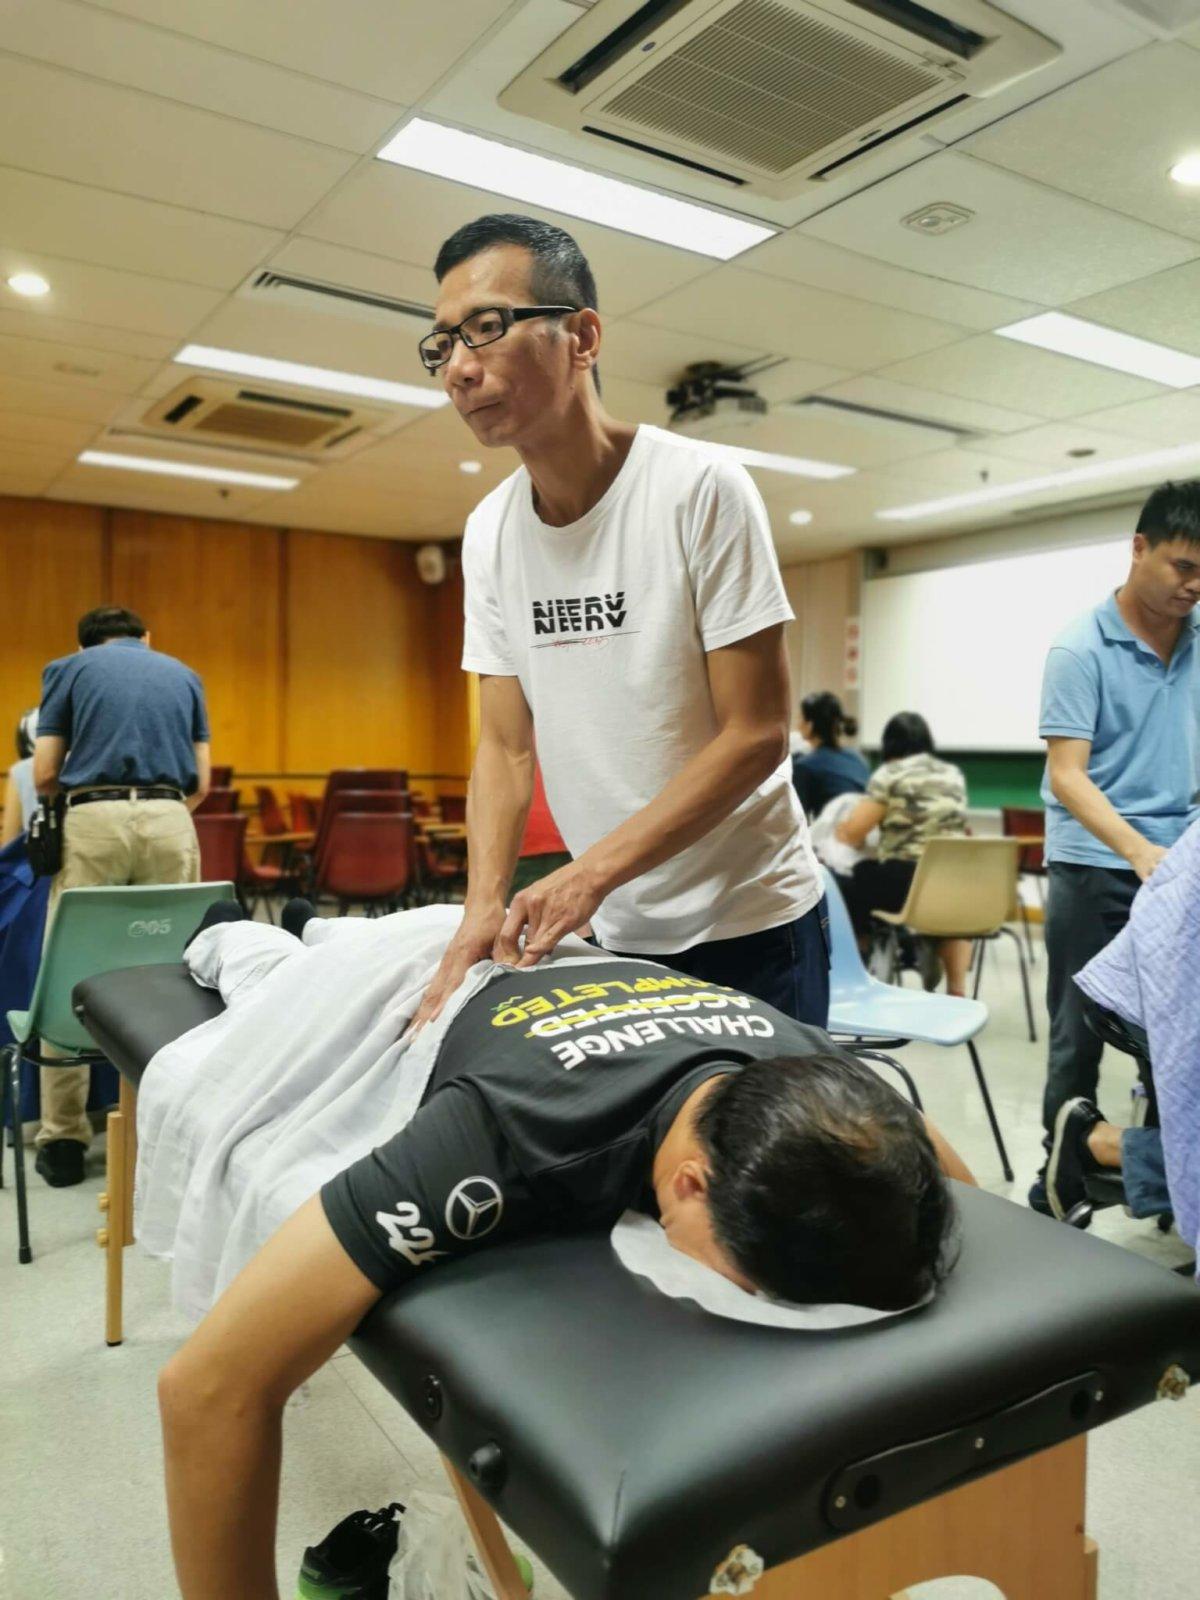 香港失明人協進會在2019年為現職按摩師的視障會員提供職業培訓 (圖片由受訪者提供)